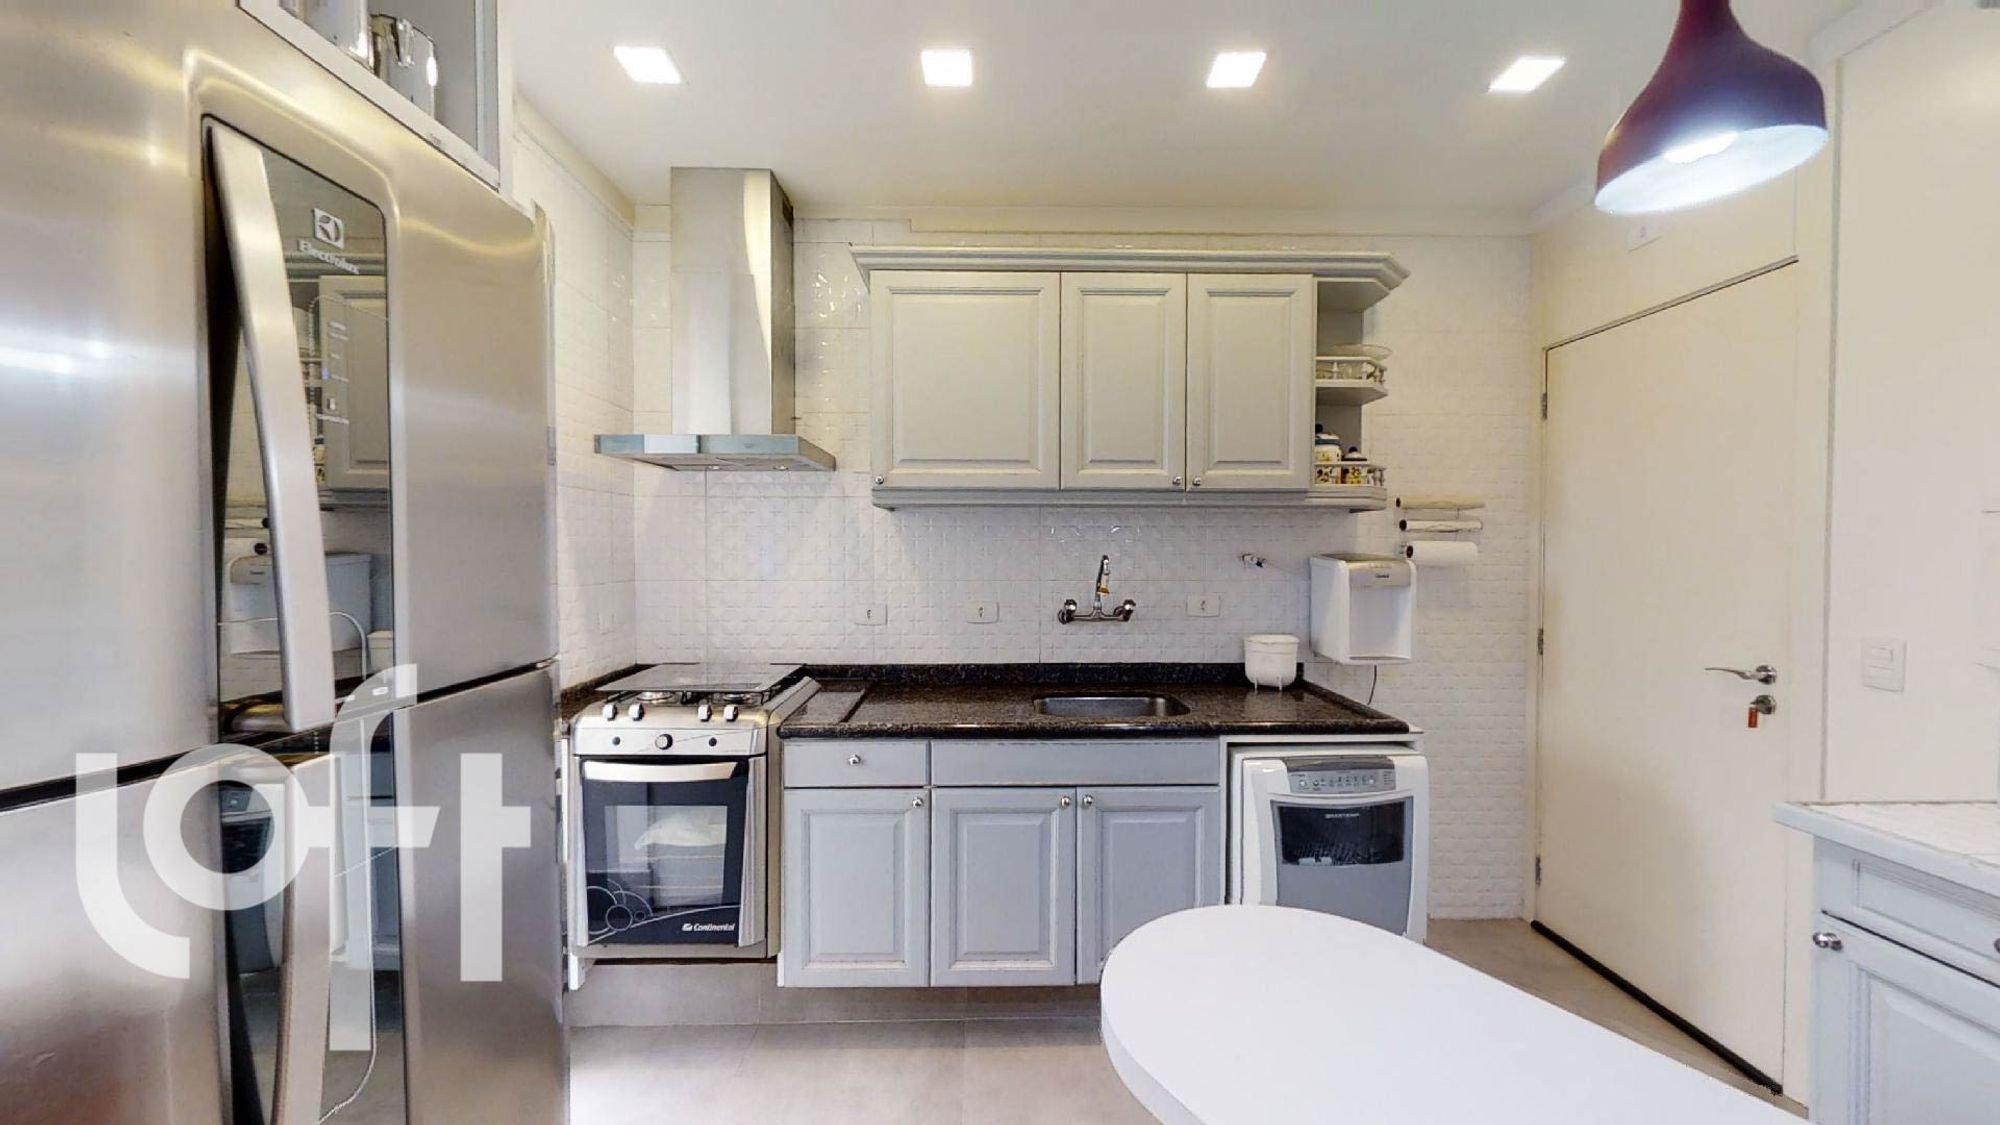 Foto de Cozinha com forno, geladeira, cadeira, pia